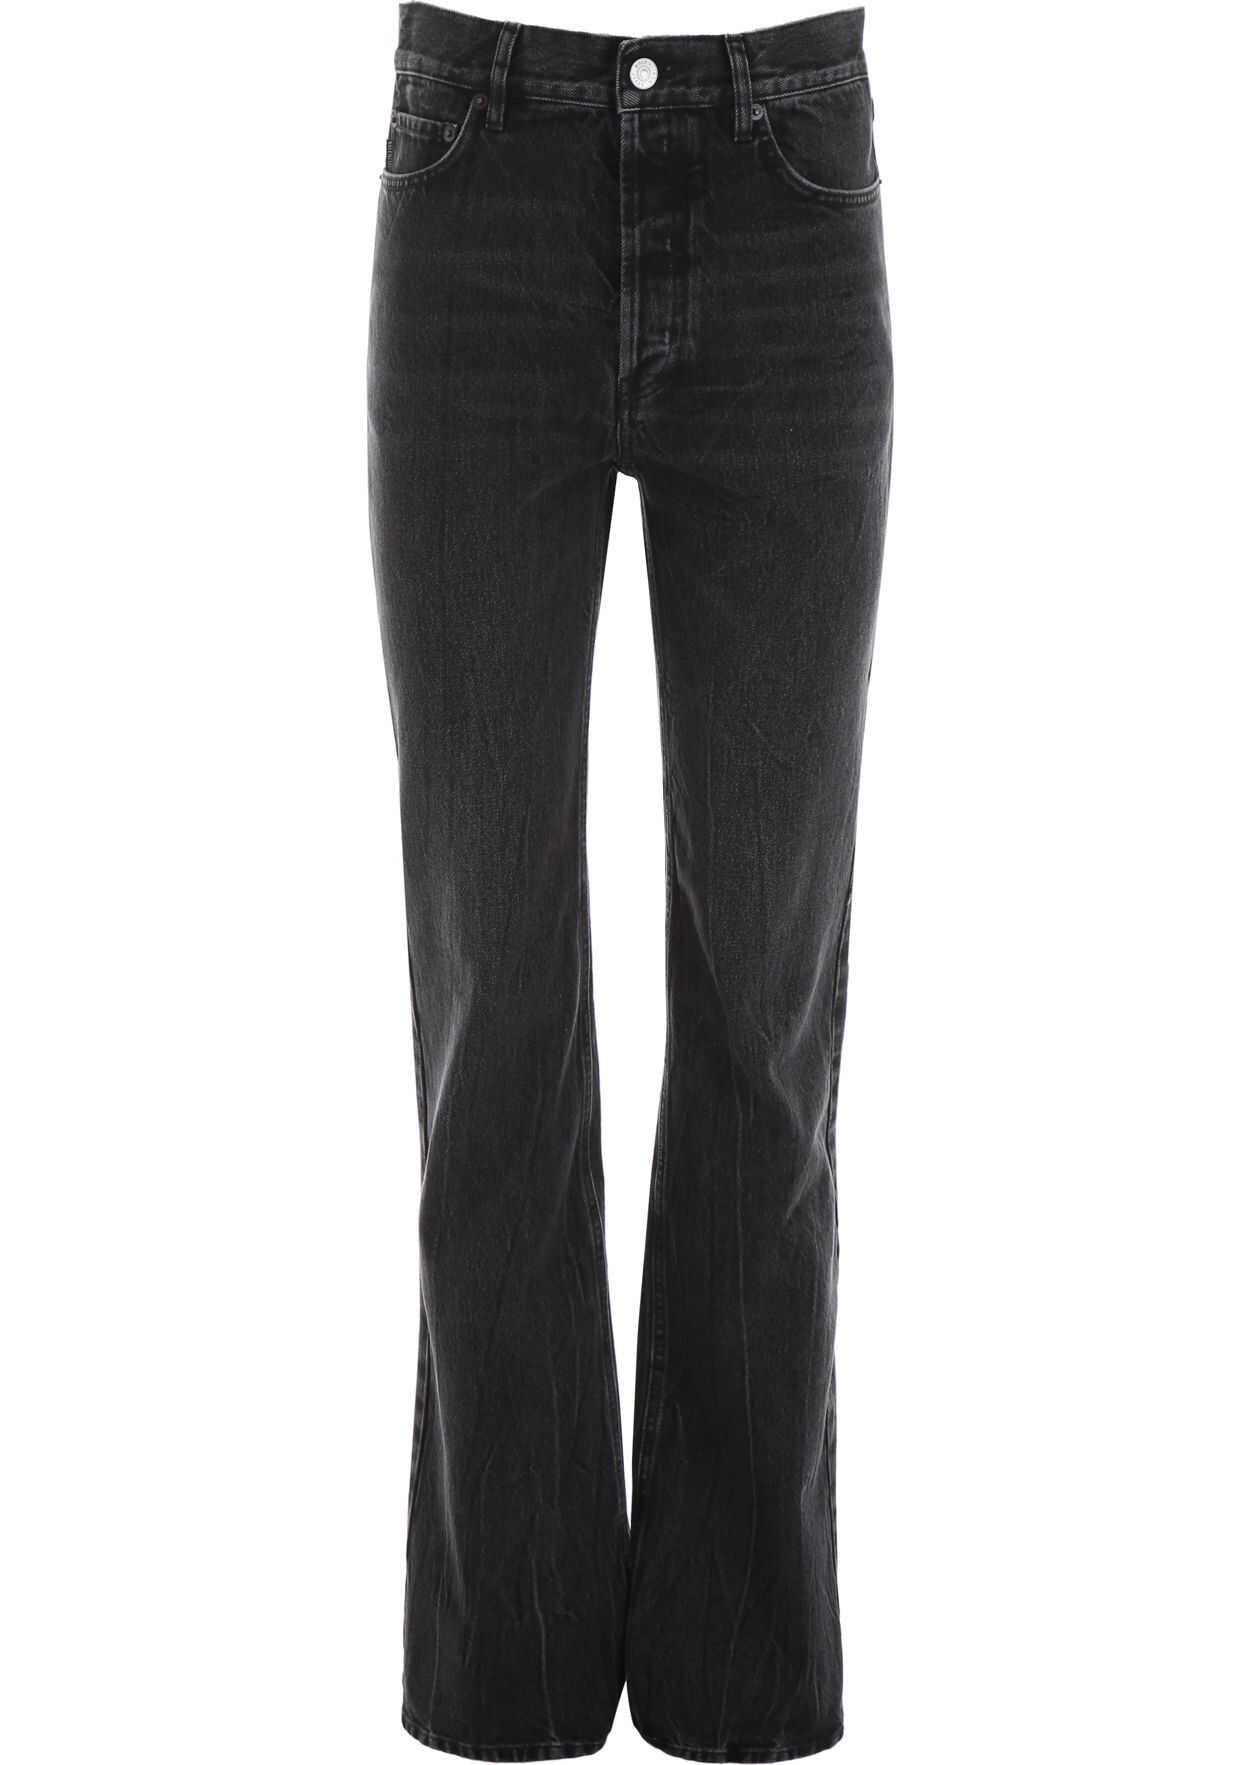 Balenciaga Straight-Leg Jeans STREAKY BLACK